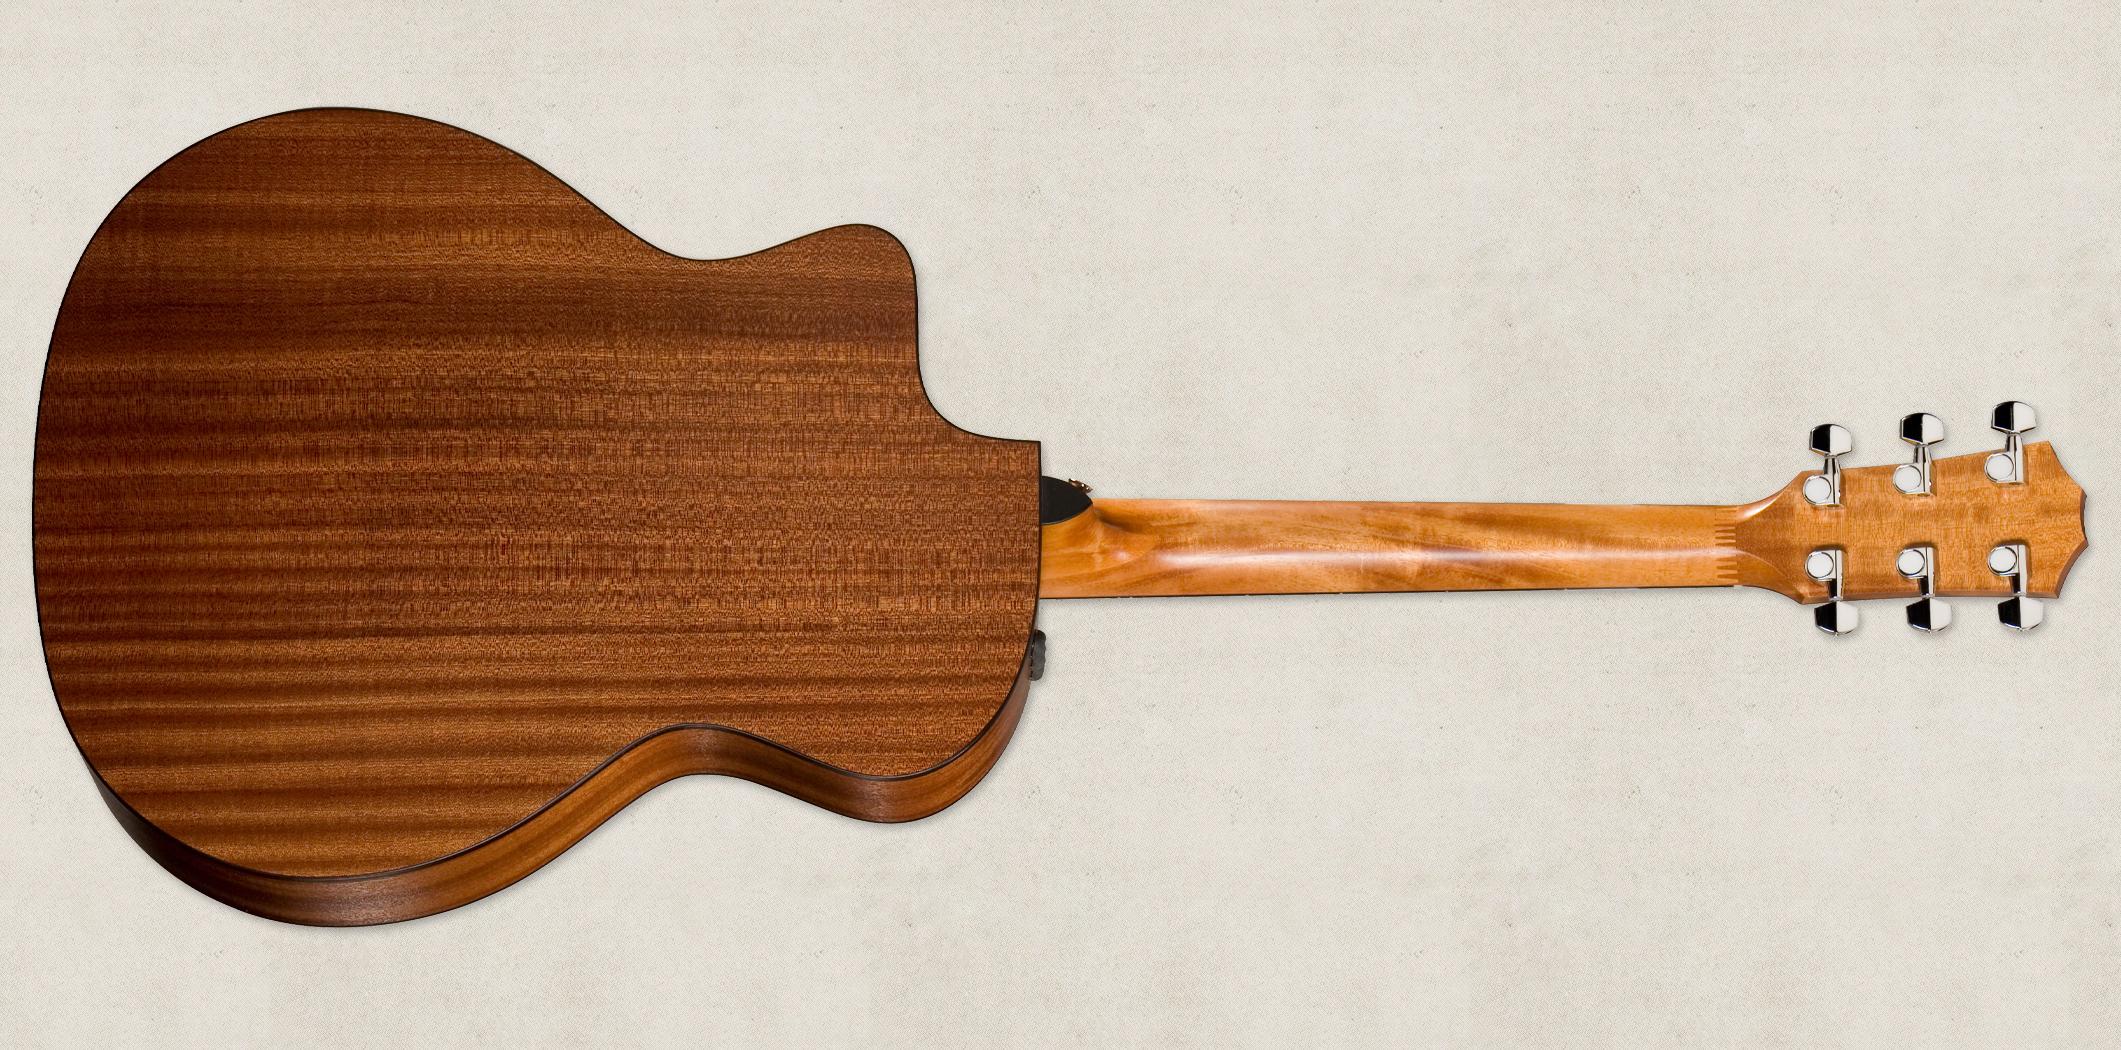 114ce taylor guitars. Black Bedroom Furniture Sets. Home Design Ideas